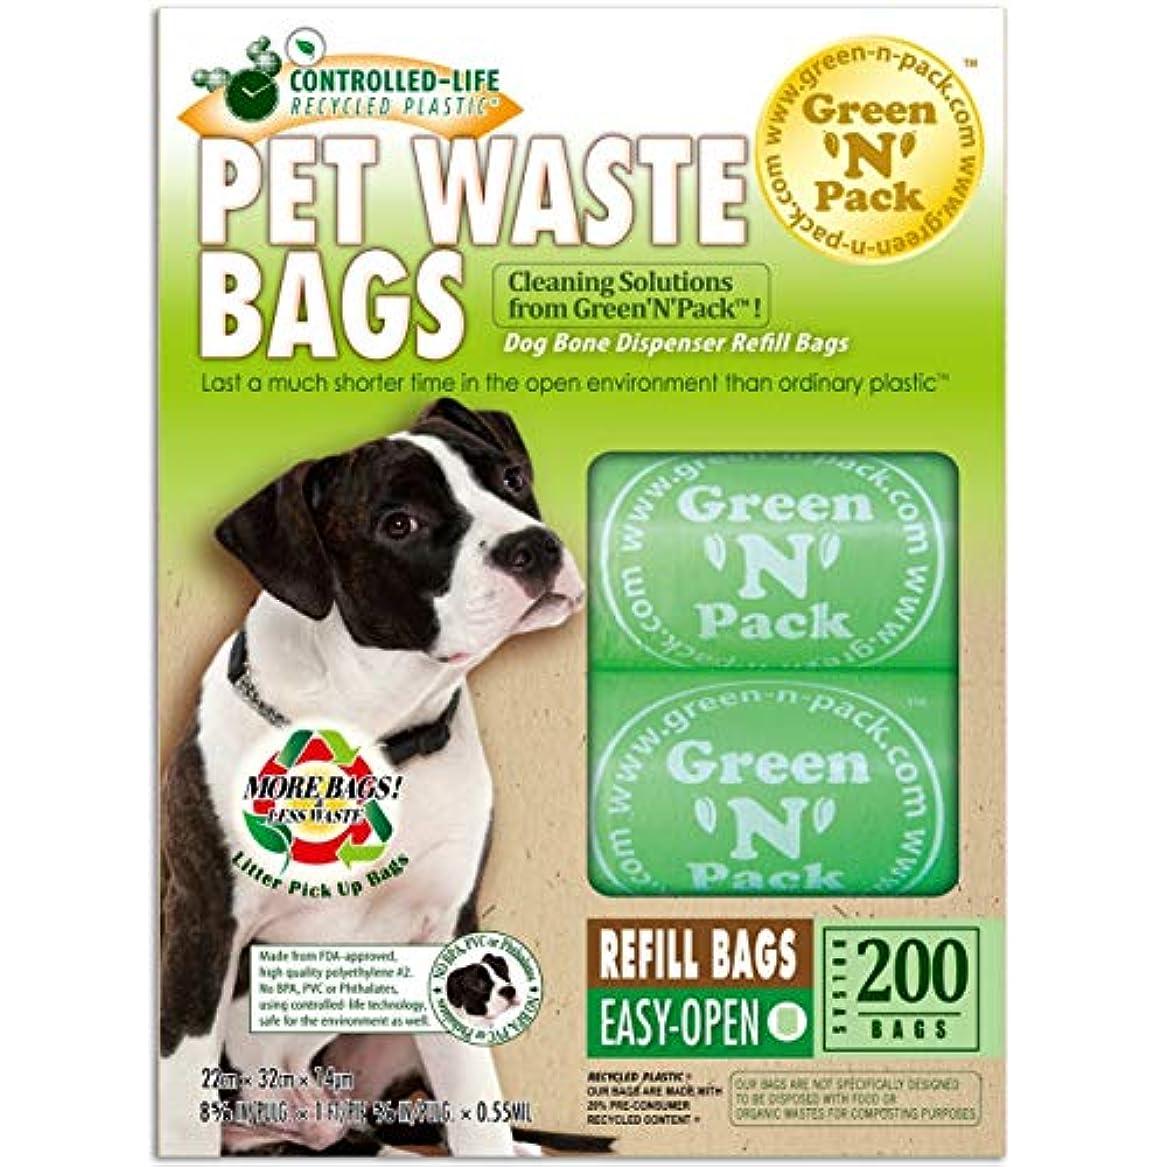 精度ファイルデクリメントGreen 'N' Pack Eco Friendly Bags - 犬Pooは日 75 パックを袋に入れる - 200バッグ